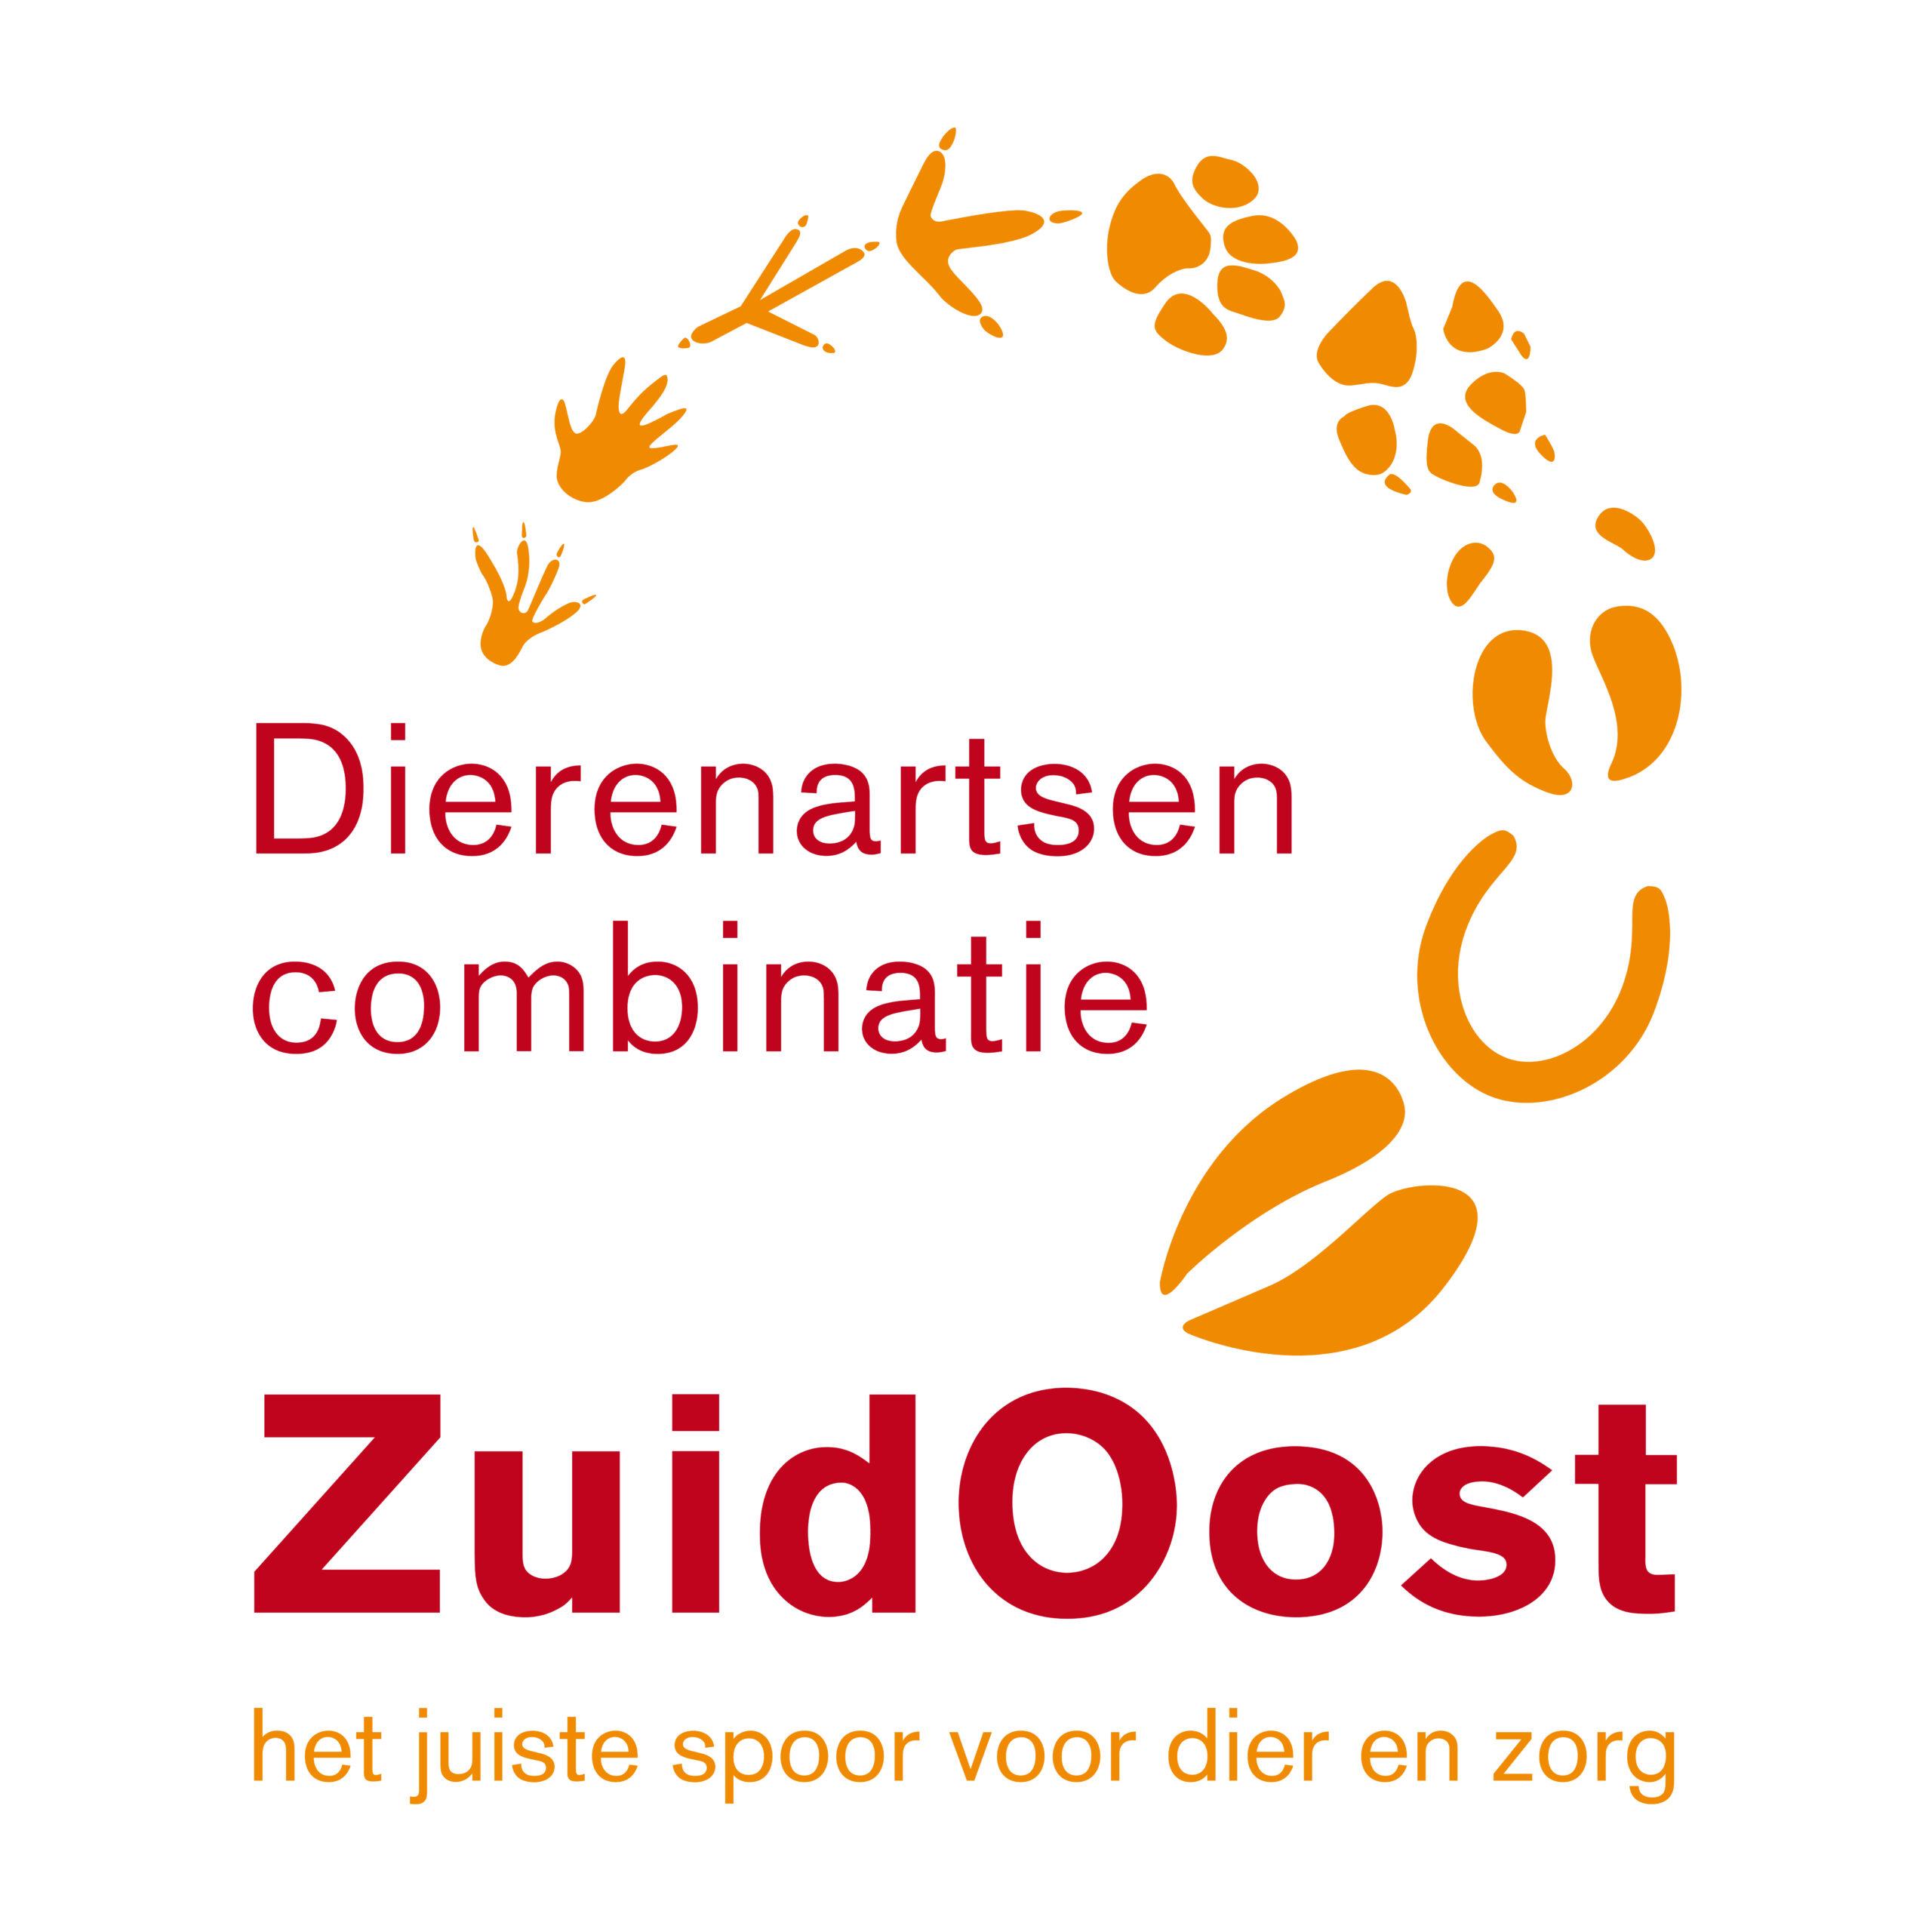 Dierenartsencombinatie ZuidOost 'T Bijsterveld